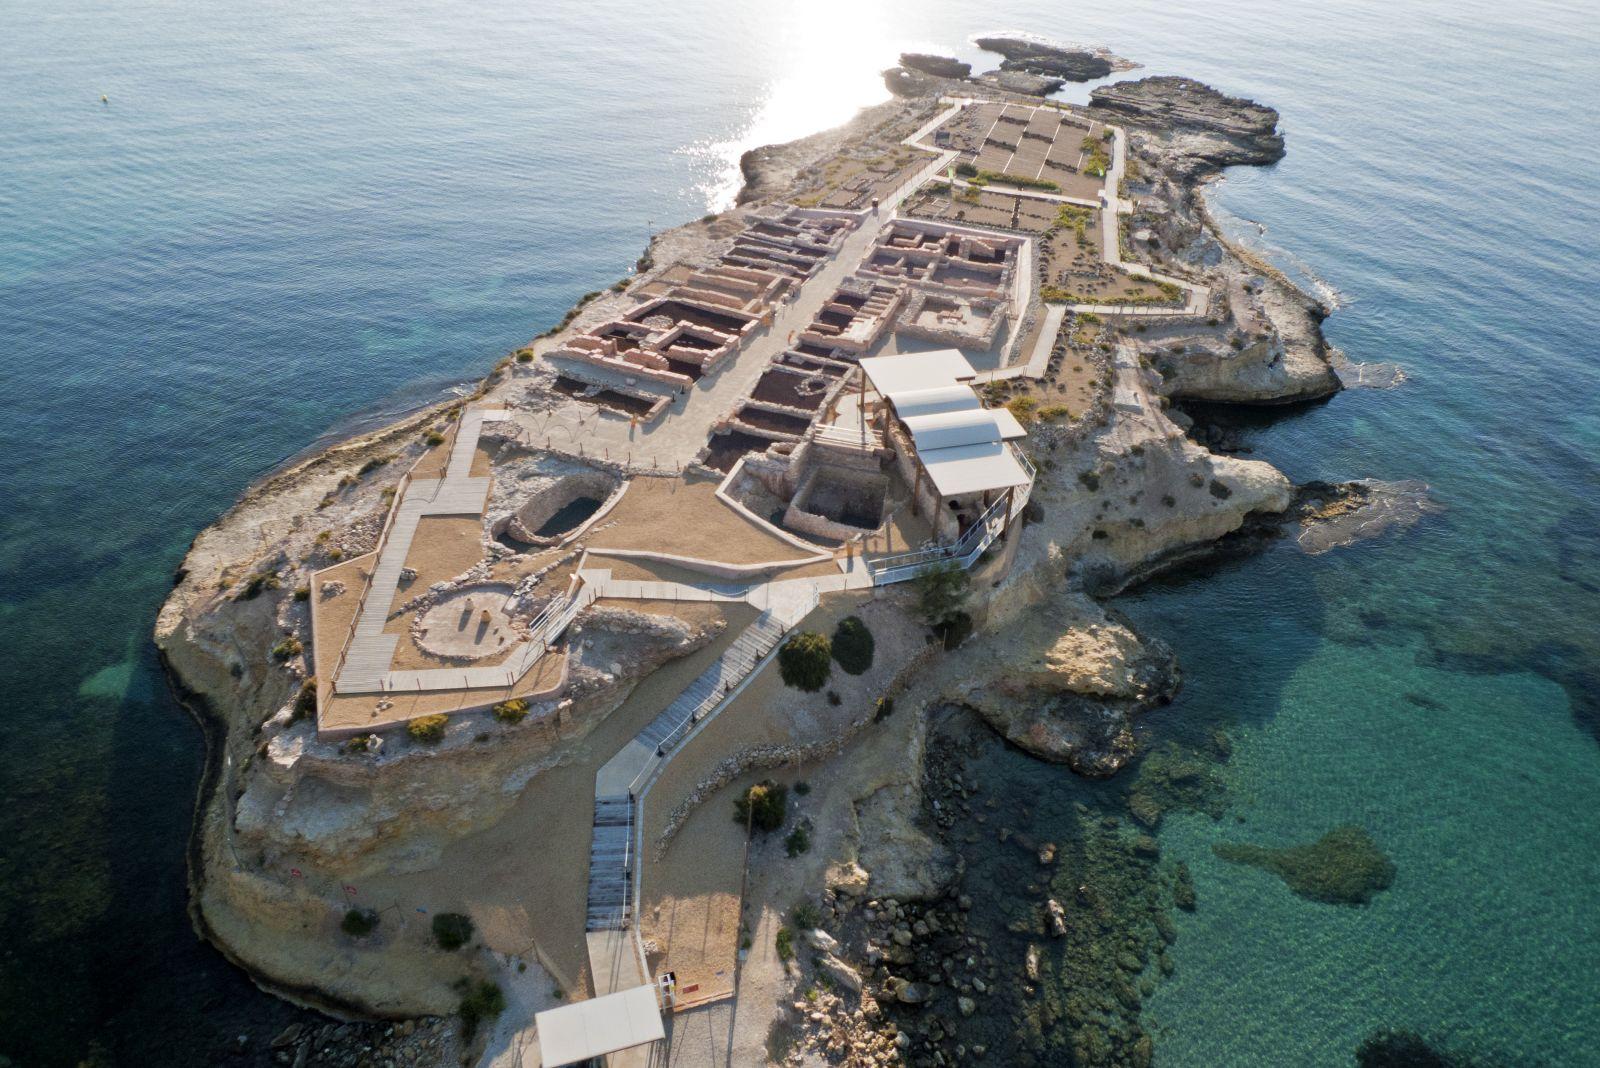 Yacimiento-arqueologico_La-Illeta-dels-Banyets_El_Campello-Alicante-Comunidad-Valenciana-Gestiona-MARQ